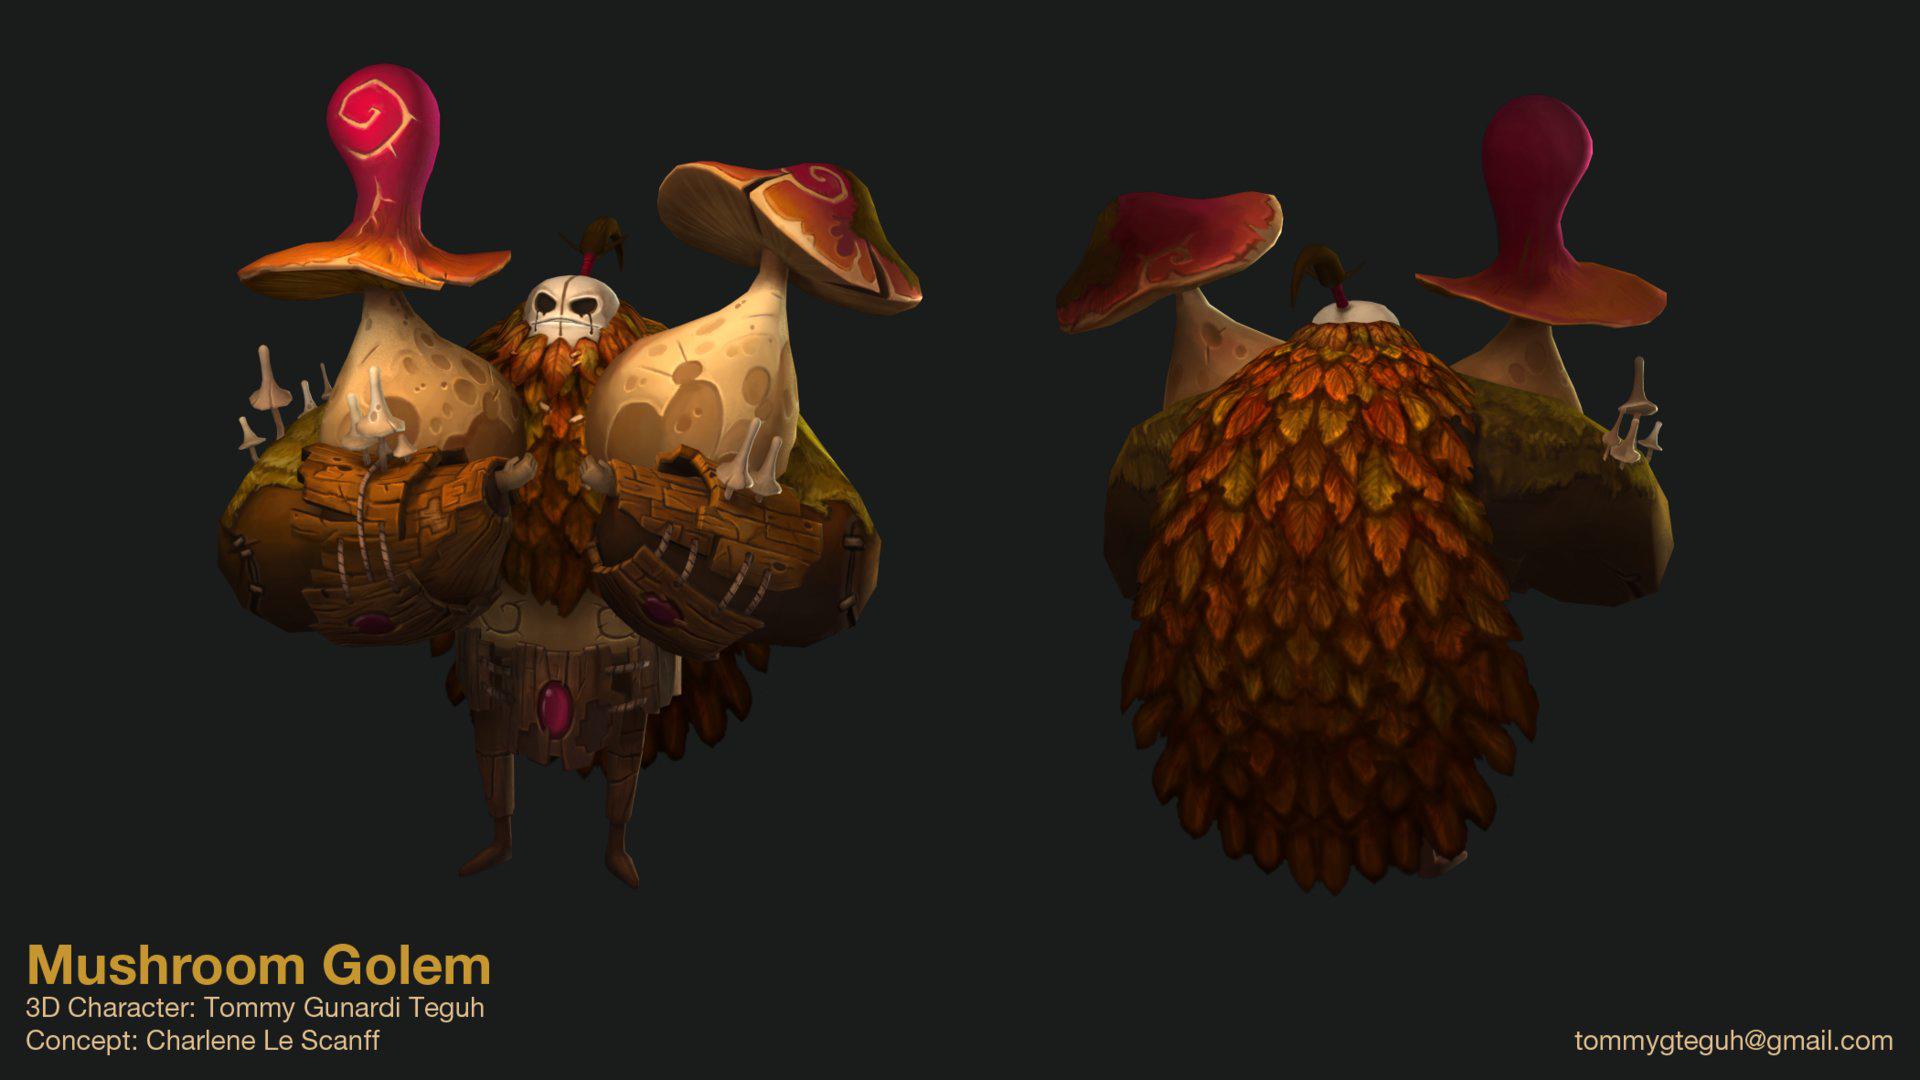 Mushroom Golem